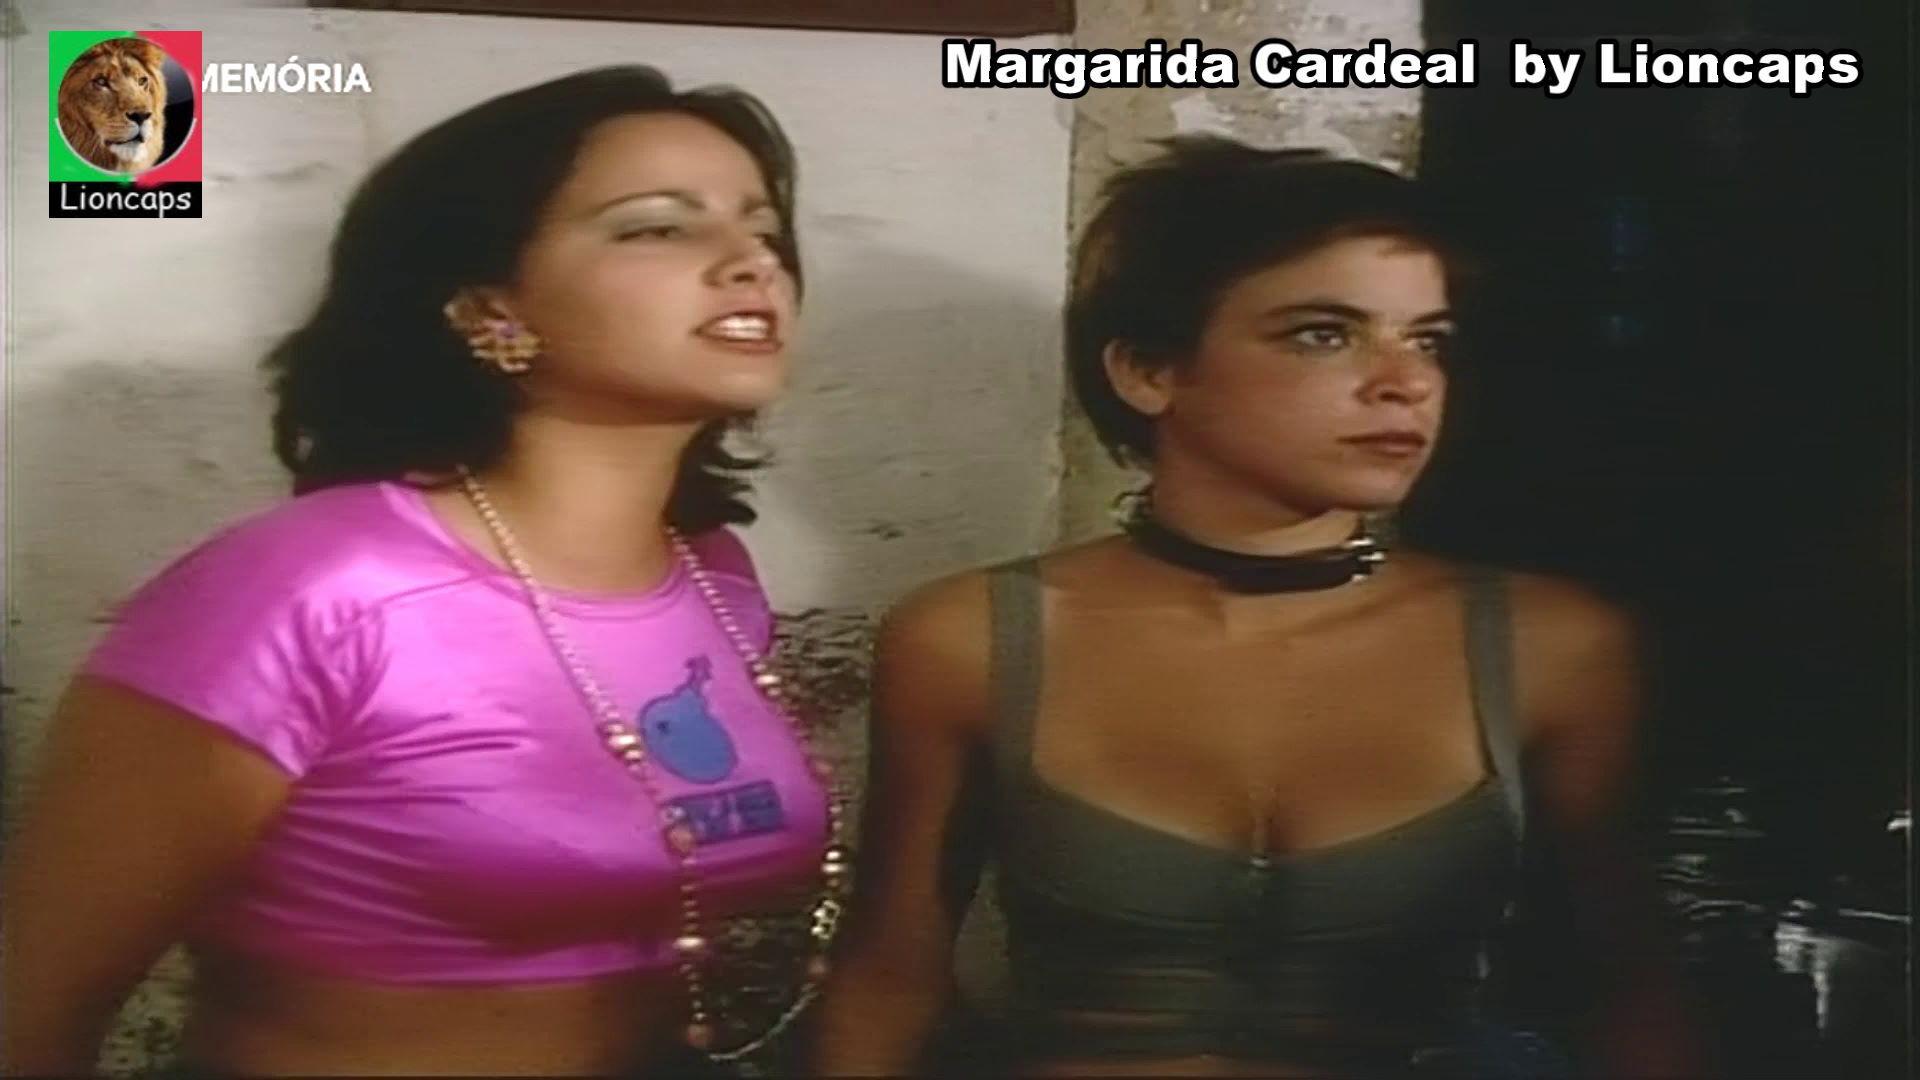 margarida_cardeal_vs200421-077 (4).JPG